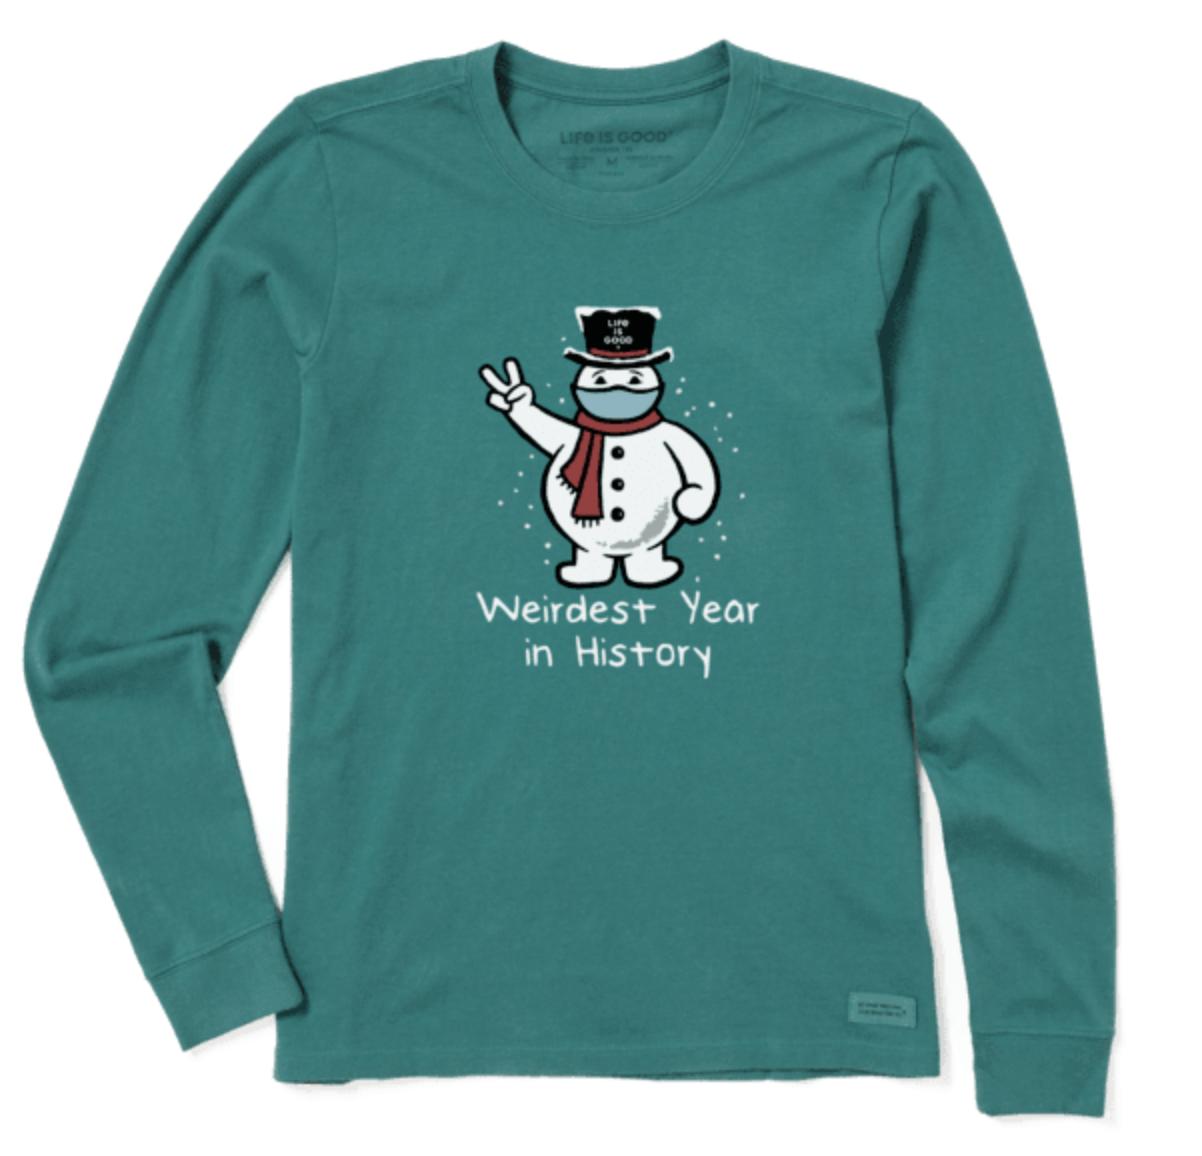 Weirdest Year T-Shirt